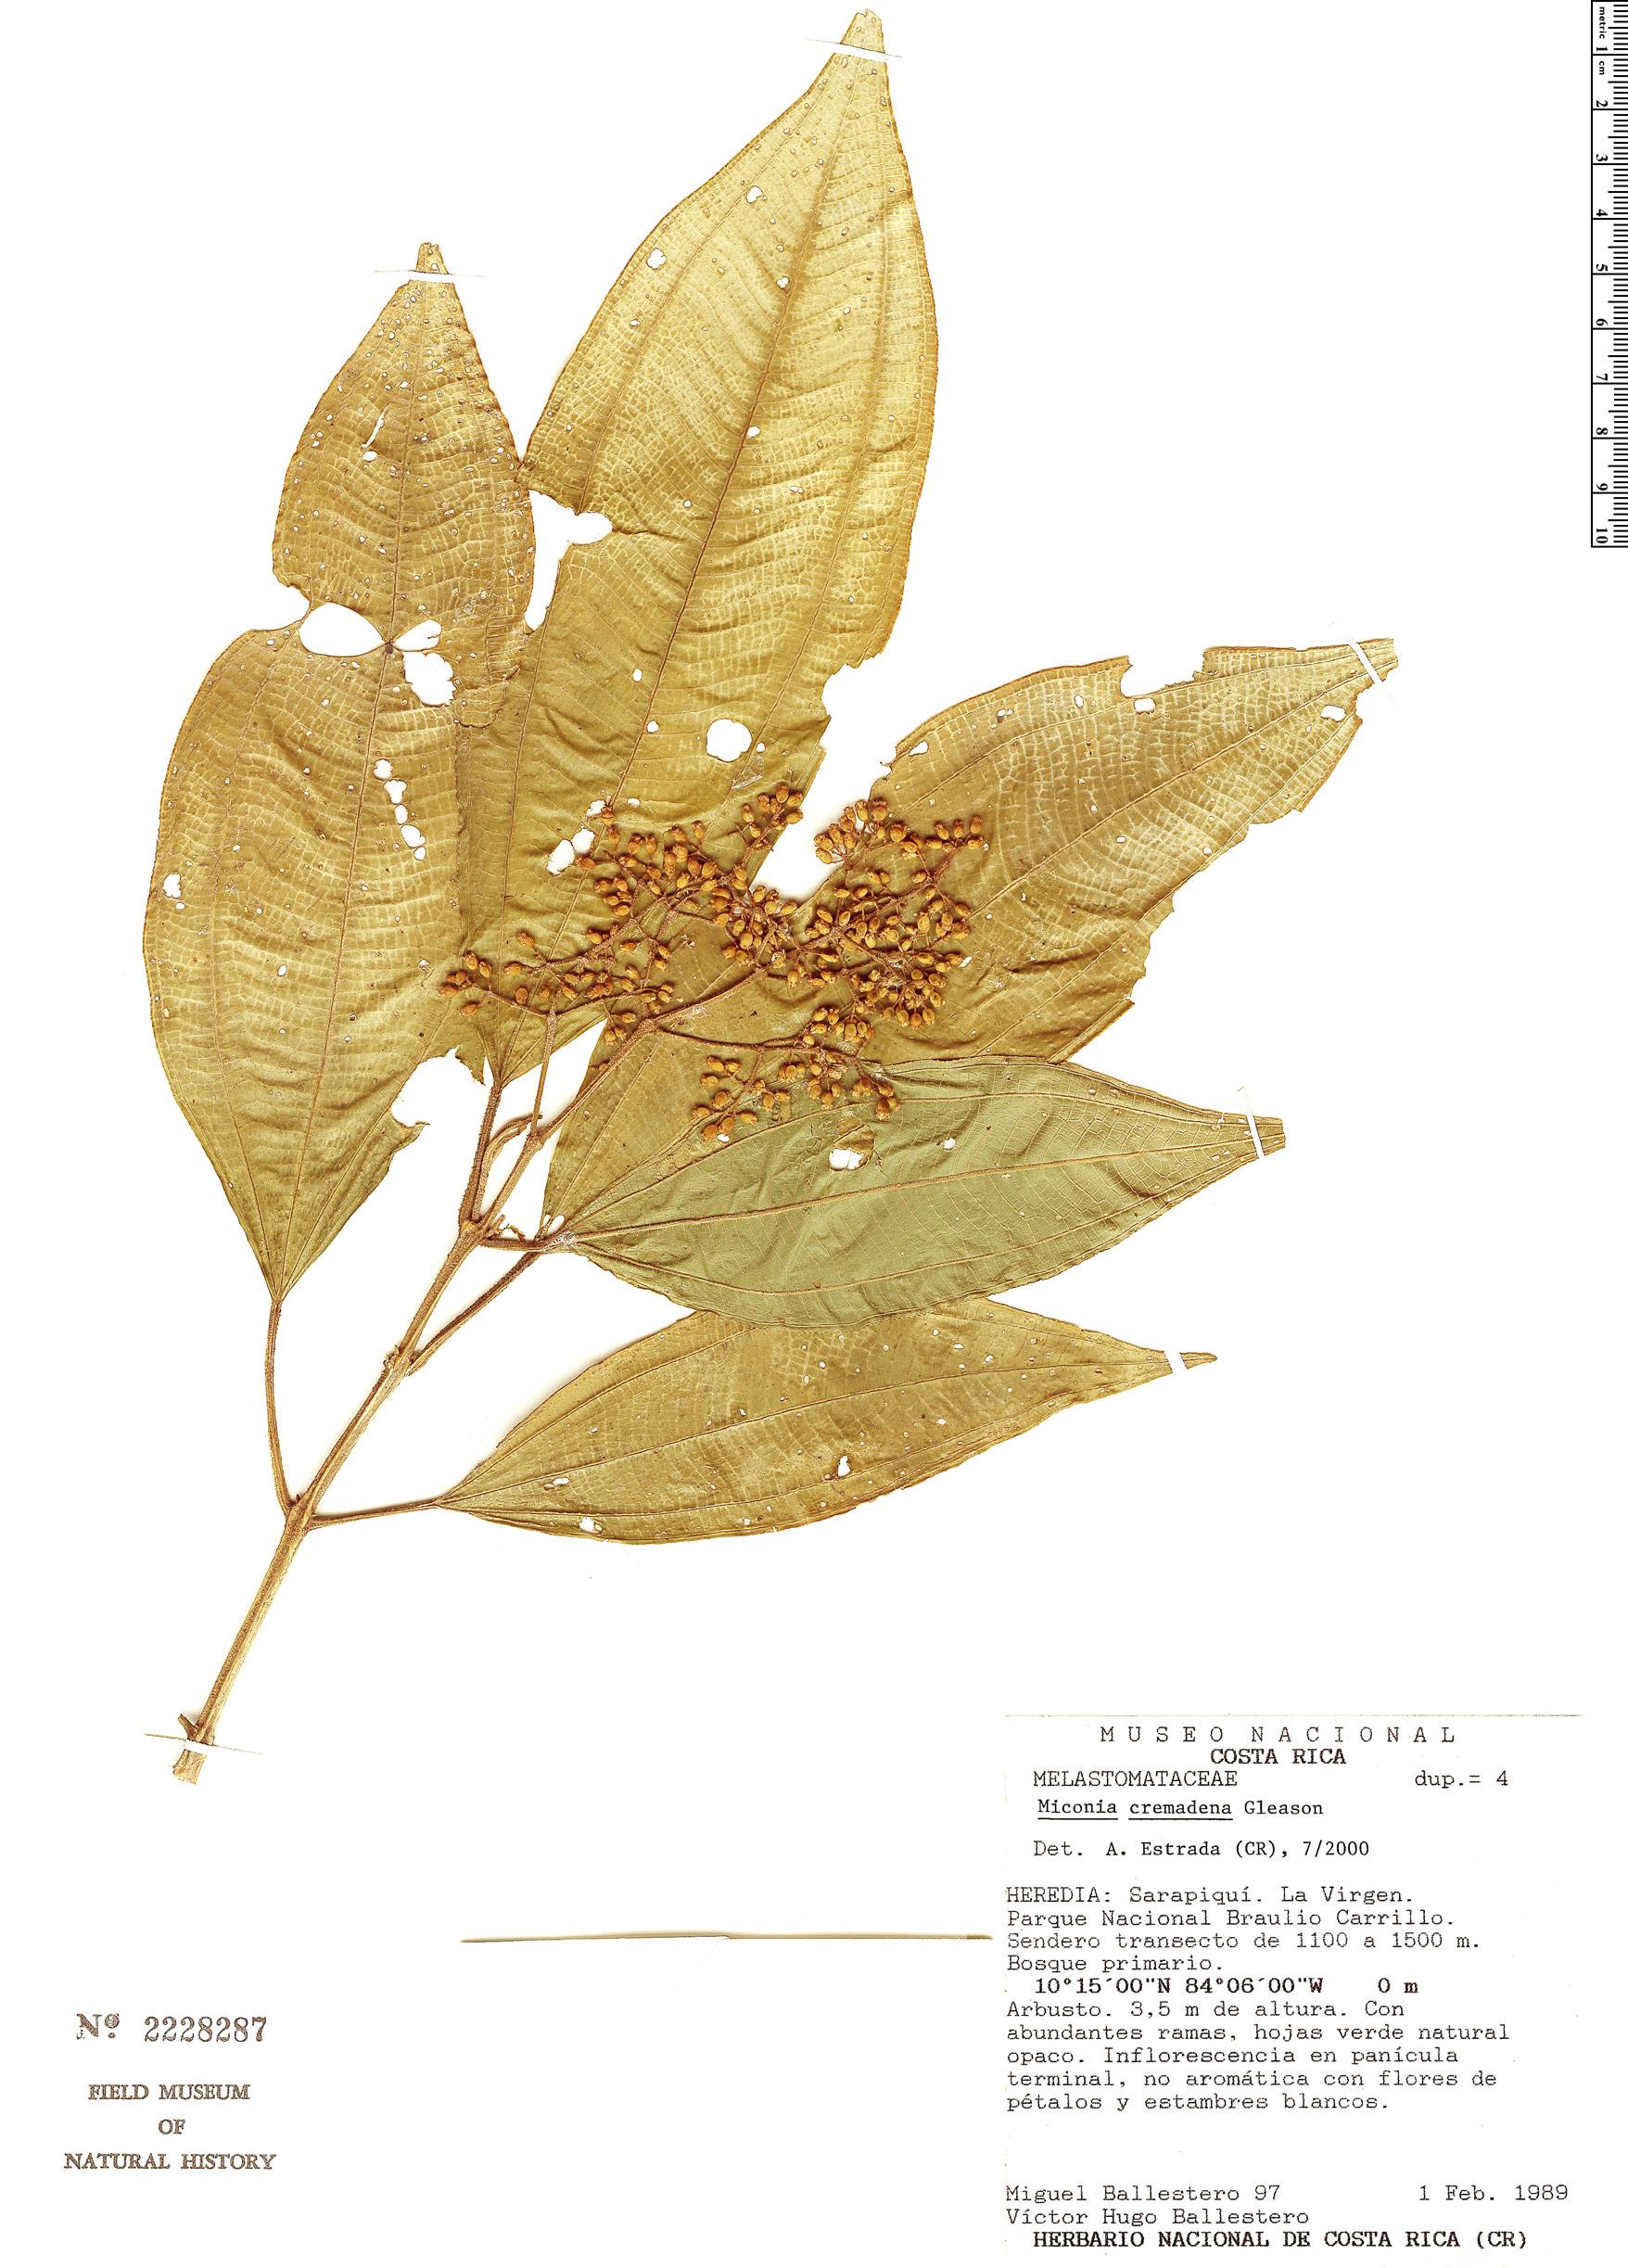 Specimen: Miconia cremadena